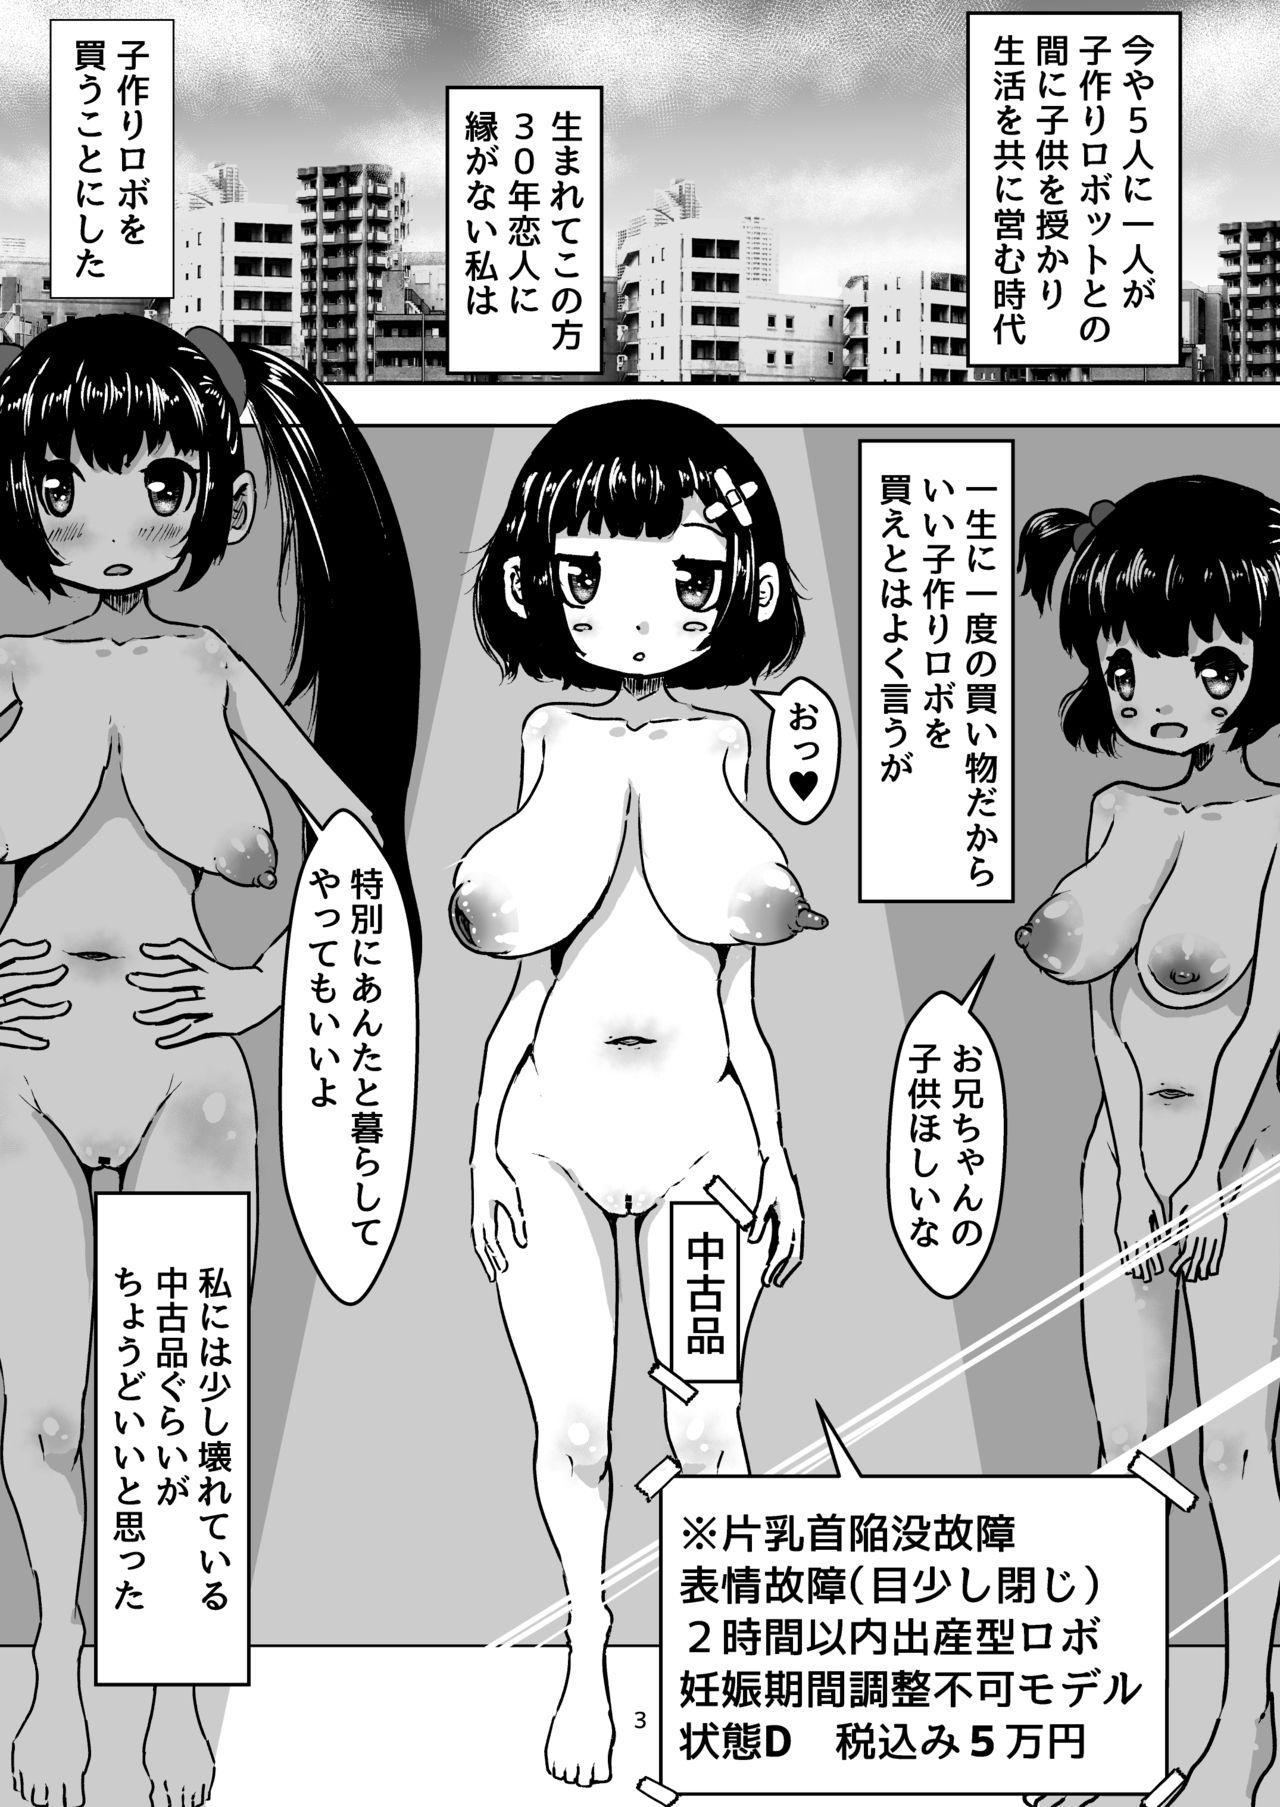 Chuuko de Katta Kozukuri Robo Haramase Bodebara Ecchi 2